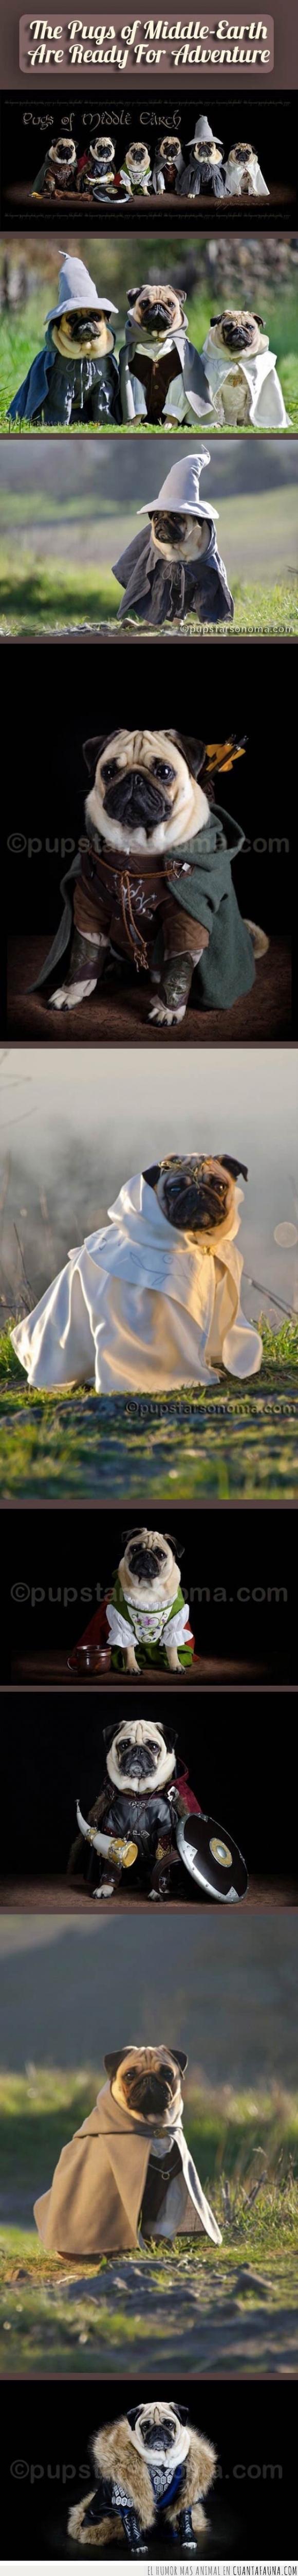 El señor de los anillos,enanos,Frodo,hobbit,perro,pug,Tierra Media